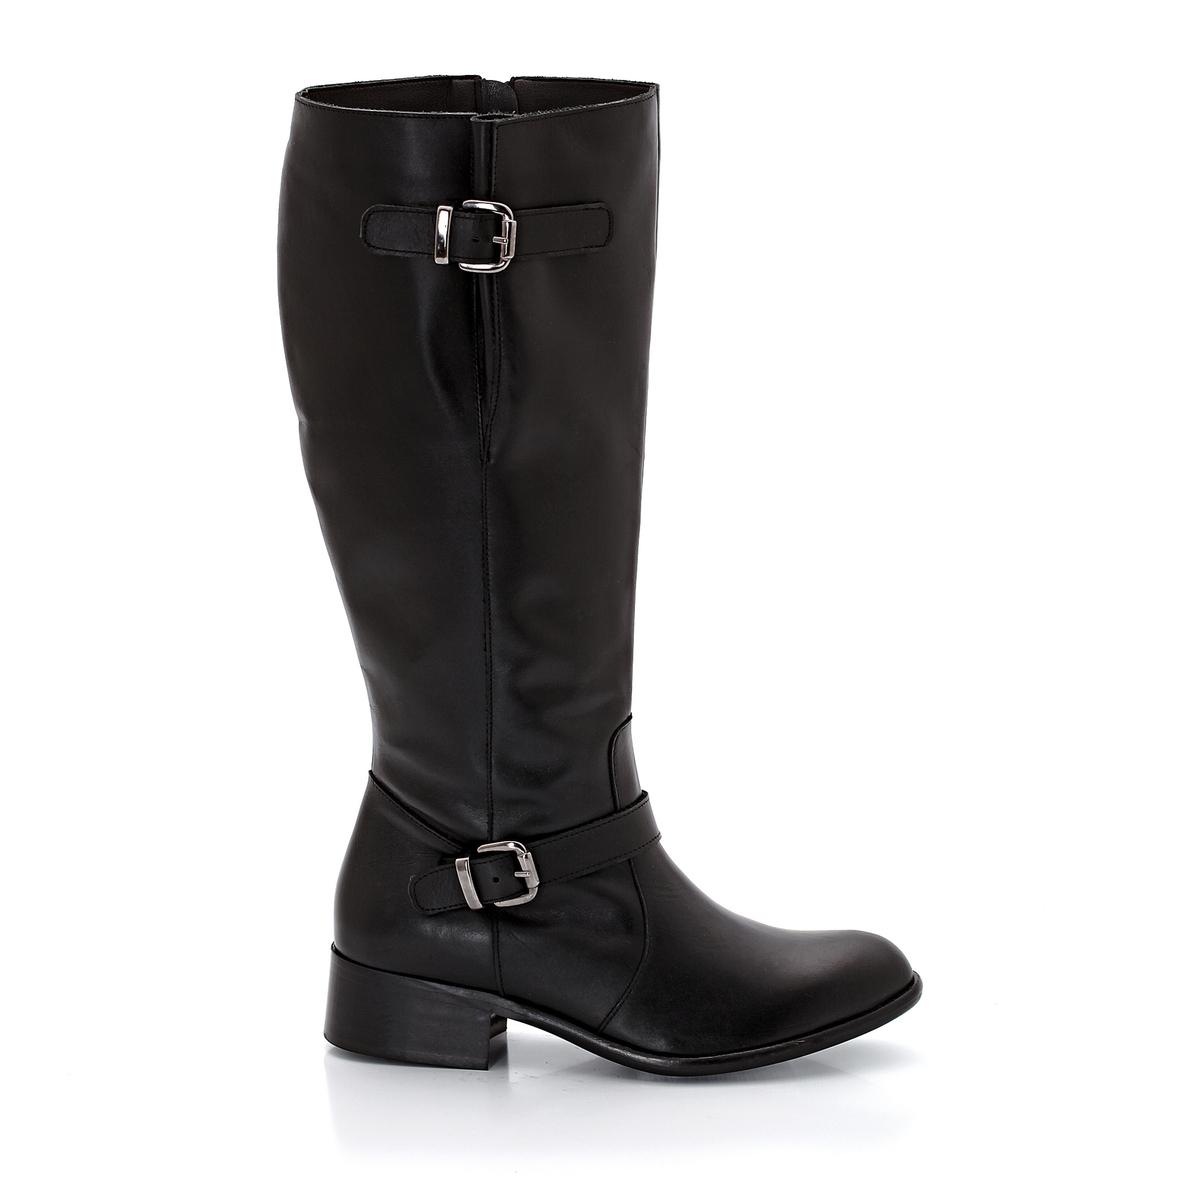 Сапоги из кожиПодошва : Пористый эластомер Высота каблука : 3,5 см.Высота голенища : 38 смОбхват икры : 41 ? 48 cmЗастежка : на молнию  сбоку.Преимущества : Регулируемая высота голенища для  оптимального комфорта  и ремешки  с оригинальными пряжками . Соответствие между размером обуви и обхватом икры :- Размер 38/39 : Обхват икры  41 - 42 см - Размер  40/41 см : Обхват икры  43 - 44 см Размер 42/43 : Обхват икры  45 -46 смРазмер  44/45 : Обхват икры  47 -48<br><br>Цвет: черный<br>Размер: 38.39.40.45